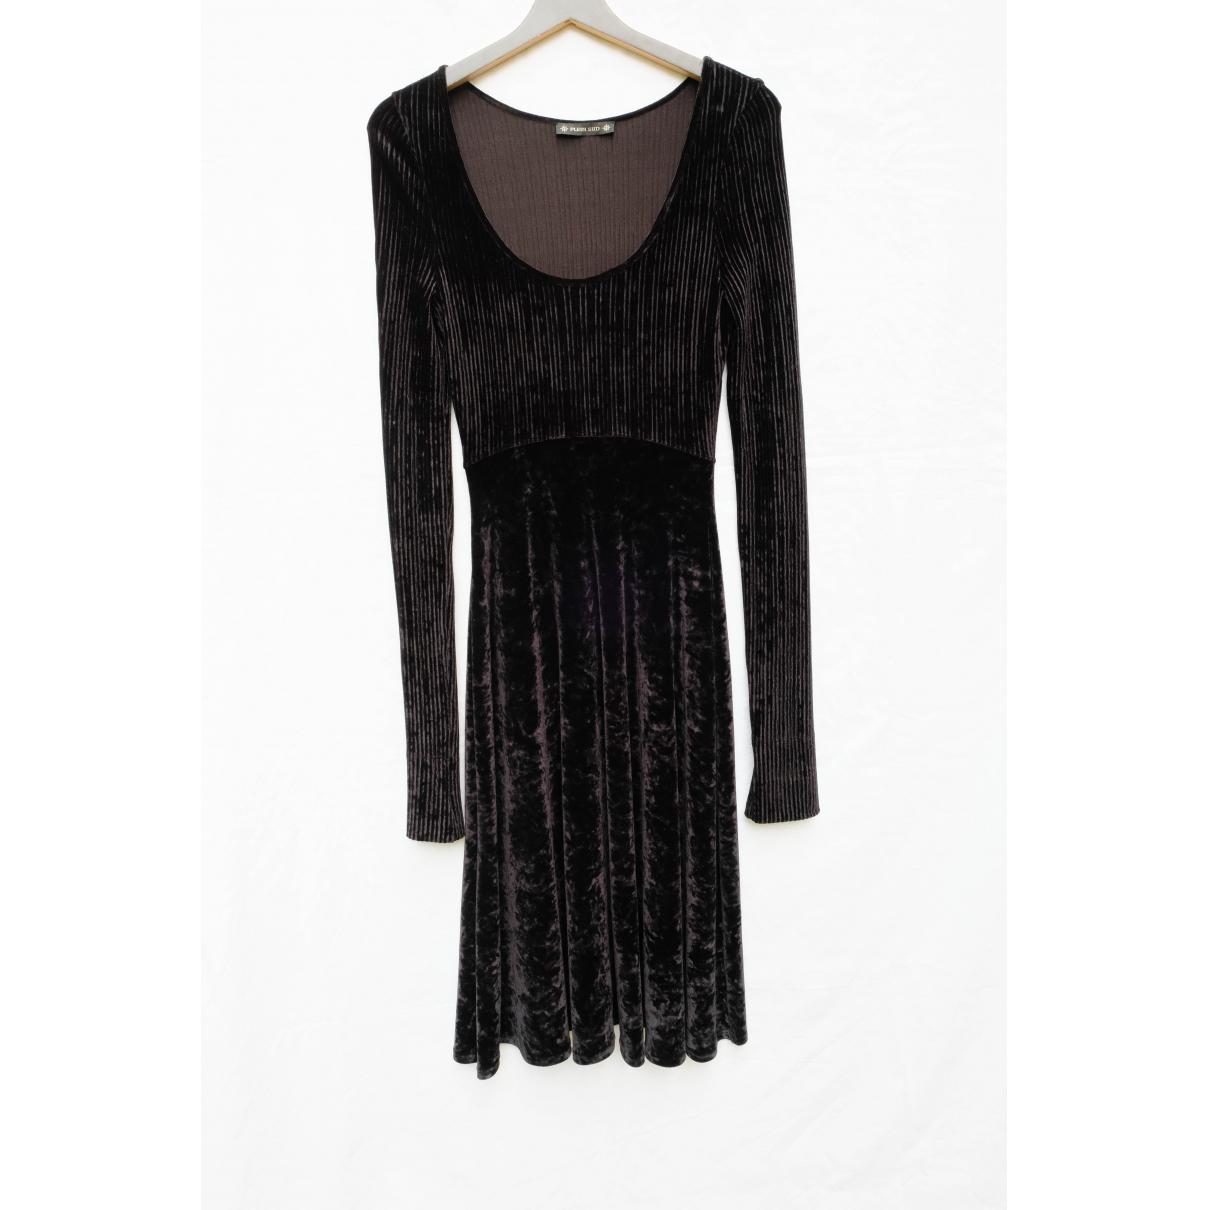 Plein Sud \N Kleid in  Schwarz Samt